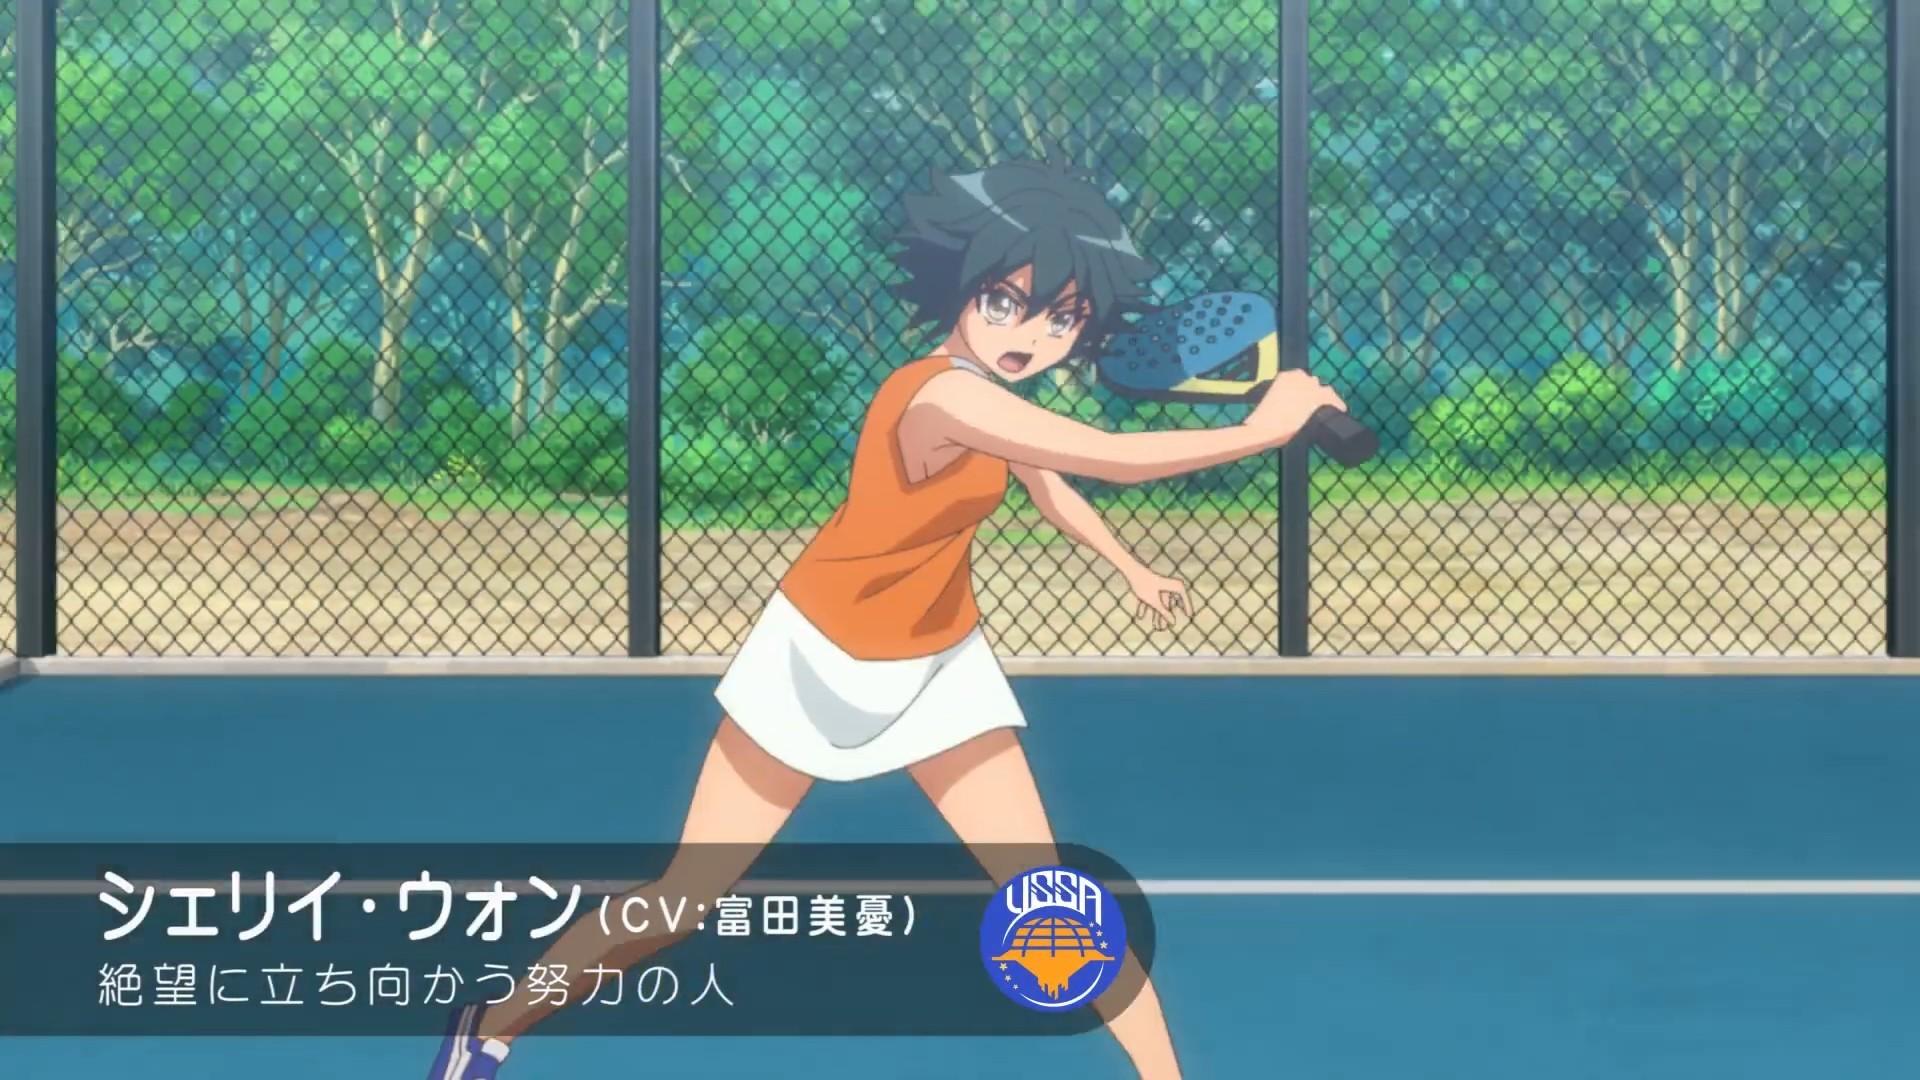 TV动画「大运动会ReSTART!」PV2公开,2021年4月10日播出